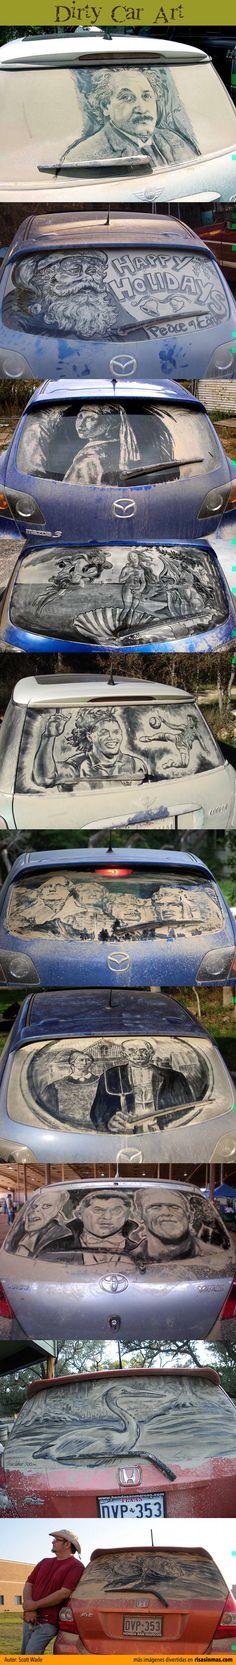 Arte en coches sucios  Artista: Scott Wade